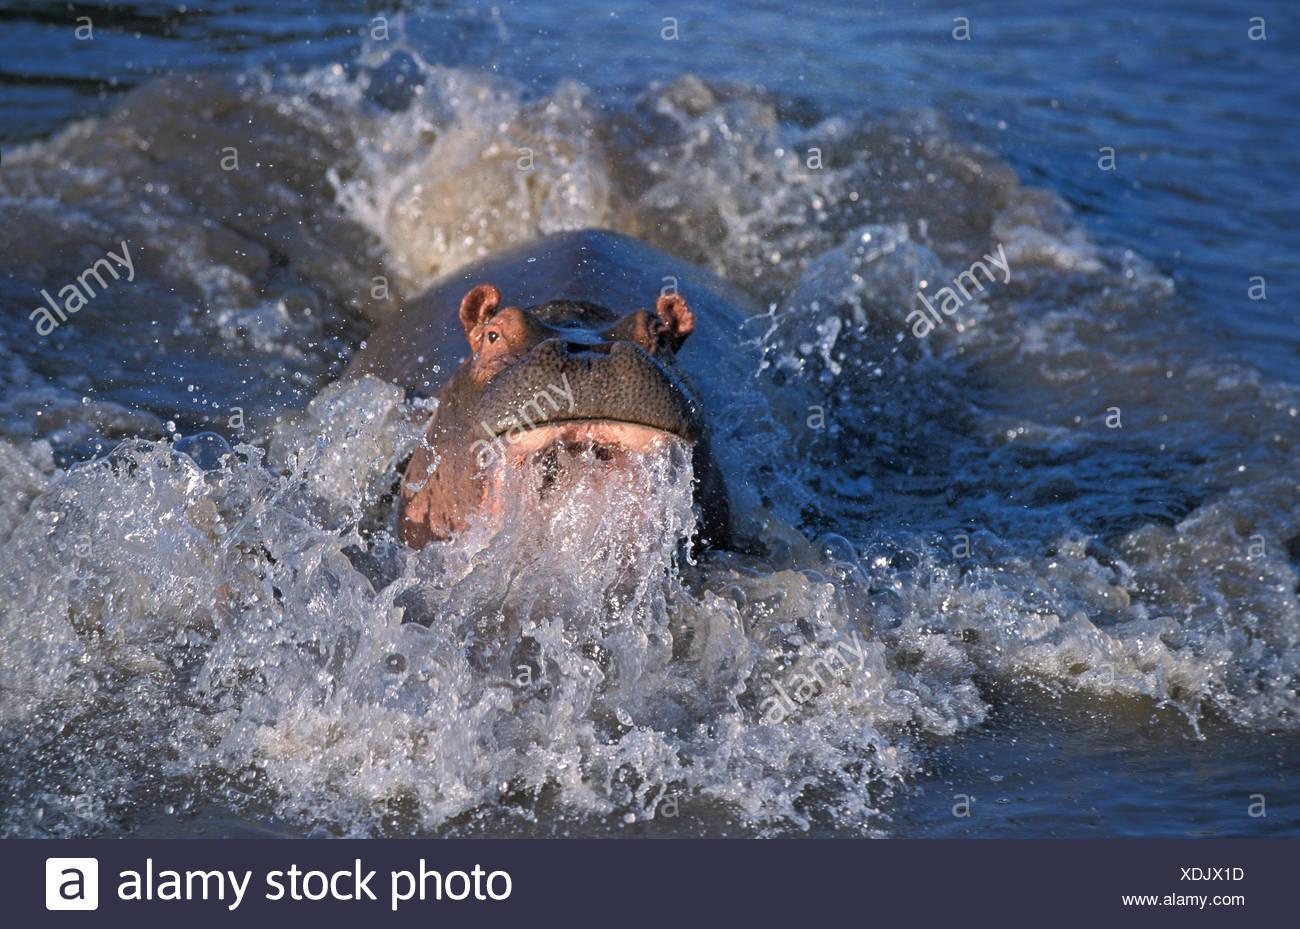 Hippopotamus, hippopotamus amphibius, Charging Adult in the River, Masai Mara Park in Kenya - Stock Image